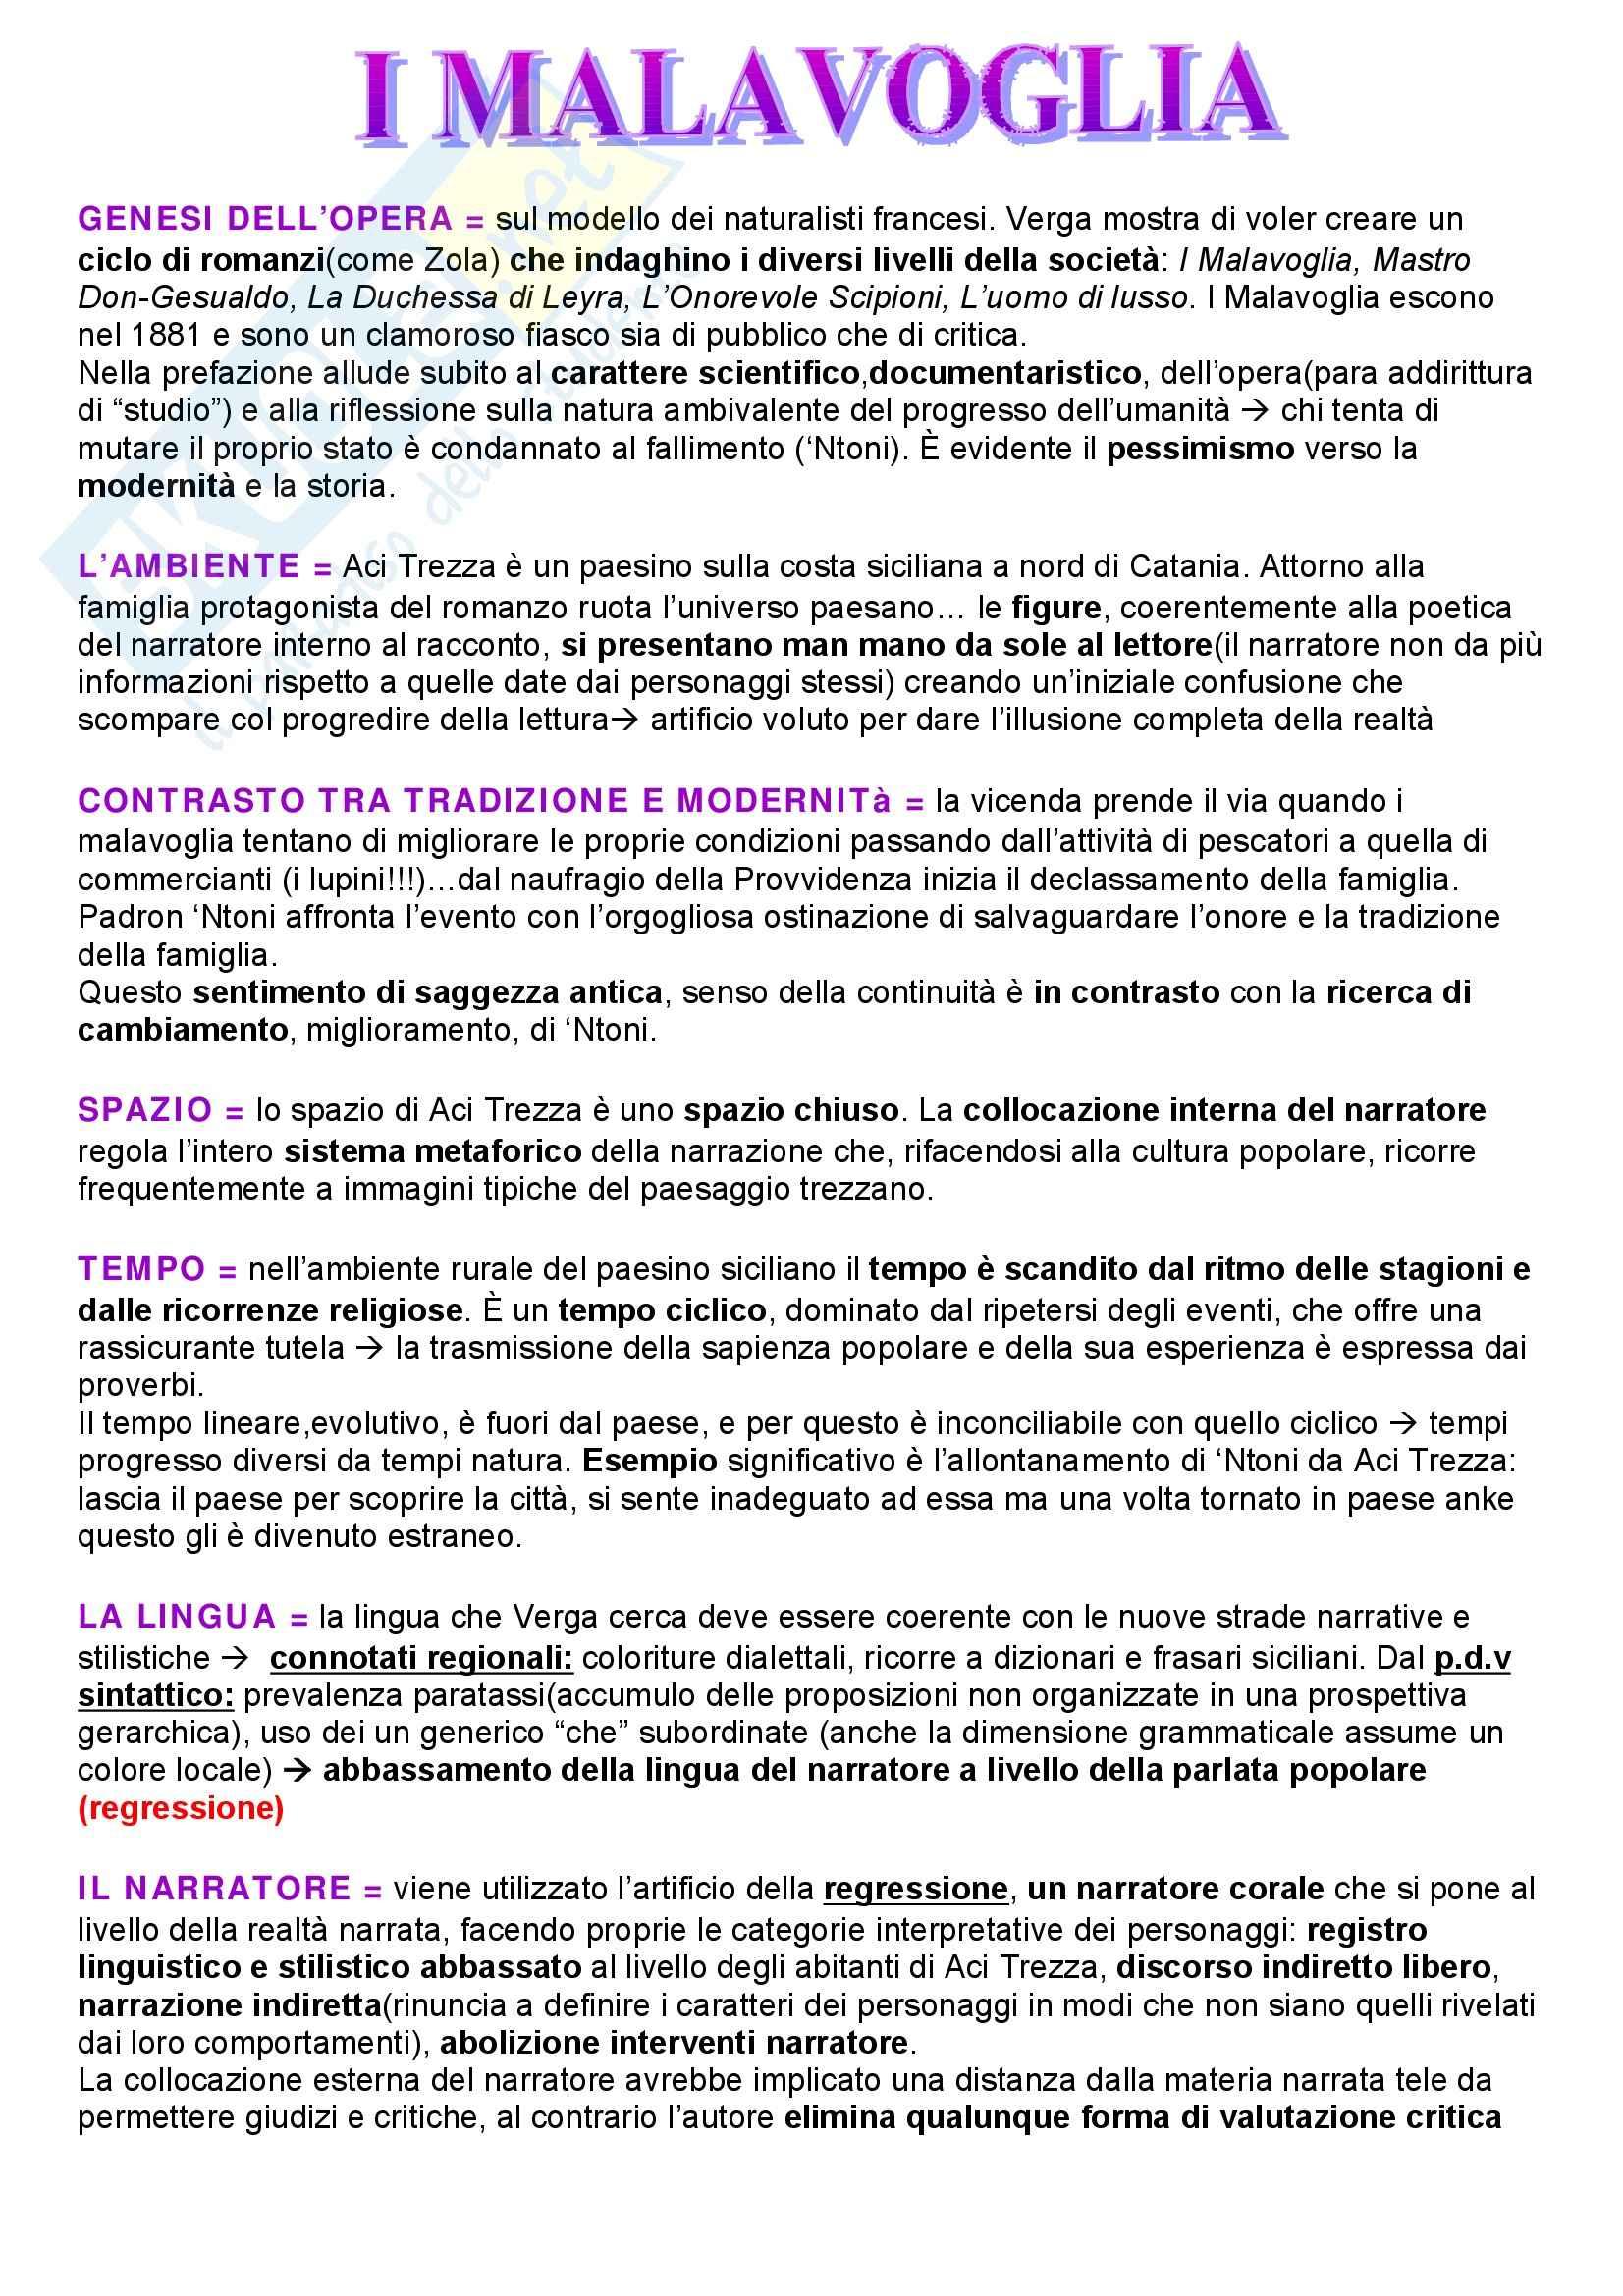 Letteratura italiana – Malavoglia – Analisi